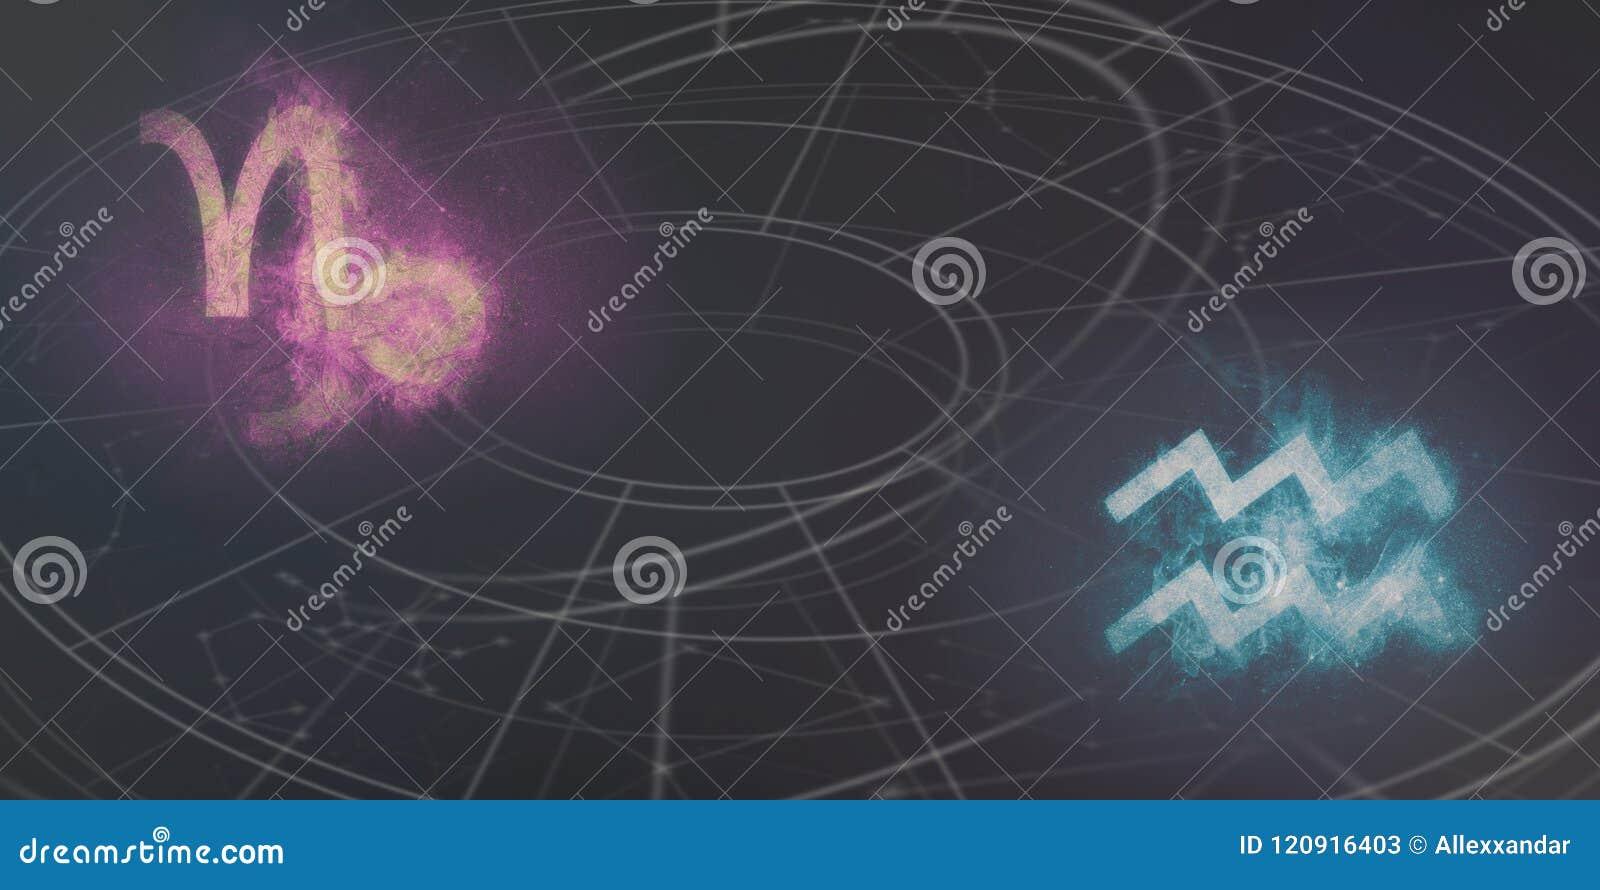 De verenigbaarheid van de horoscooptekens van Steenbok en van Waterman De hemel van de nacht